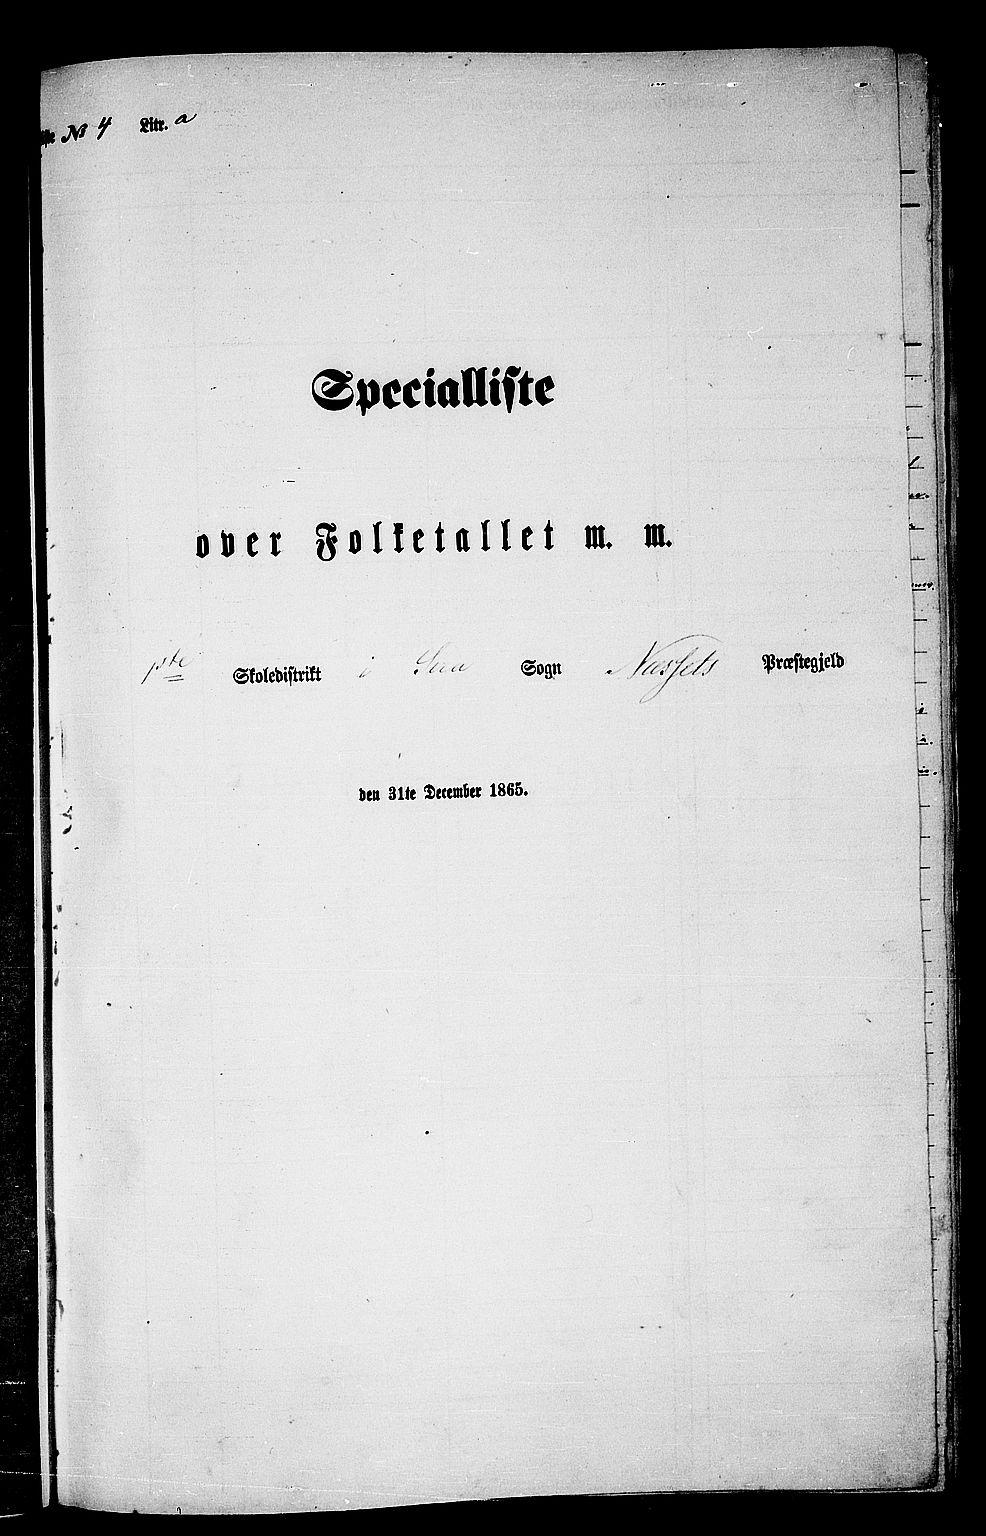 RA, Folketelling 1865 for 1543P Nesset prestegjeld, 1865, s. 72